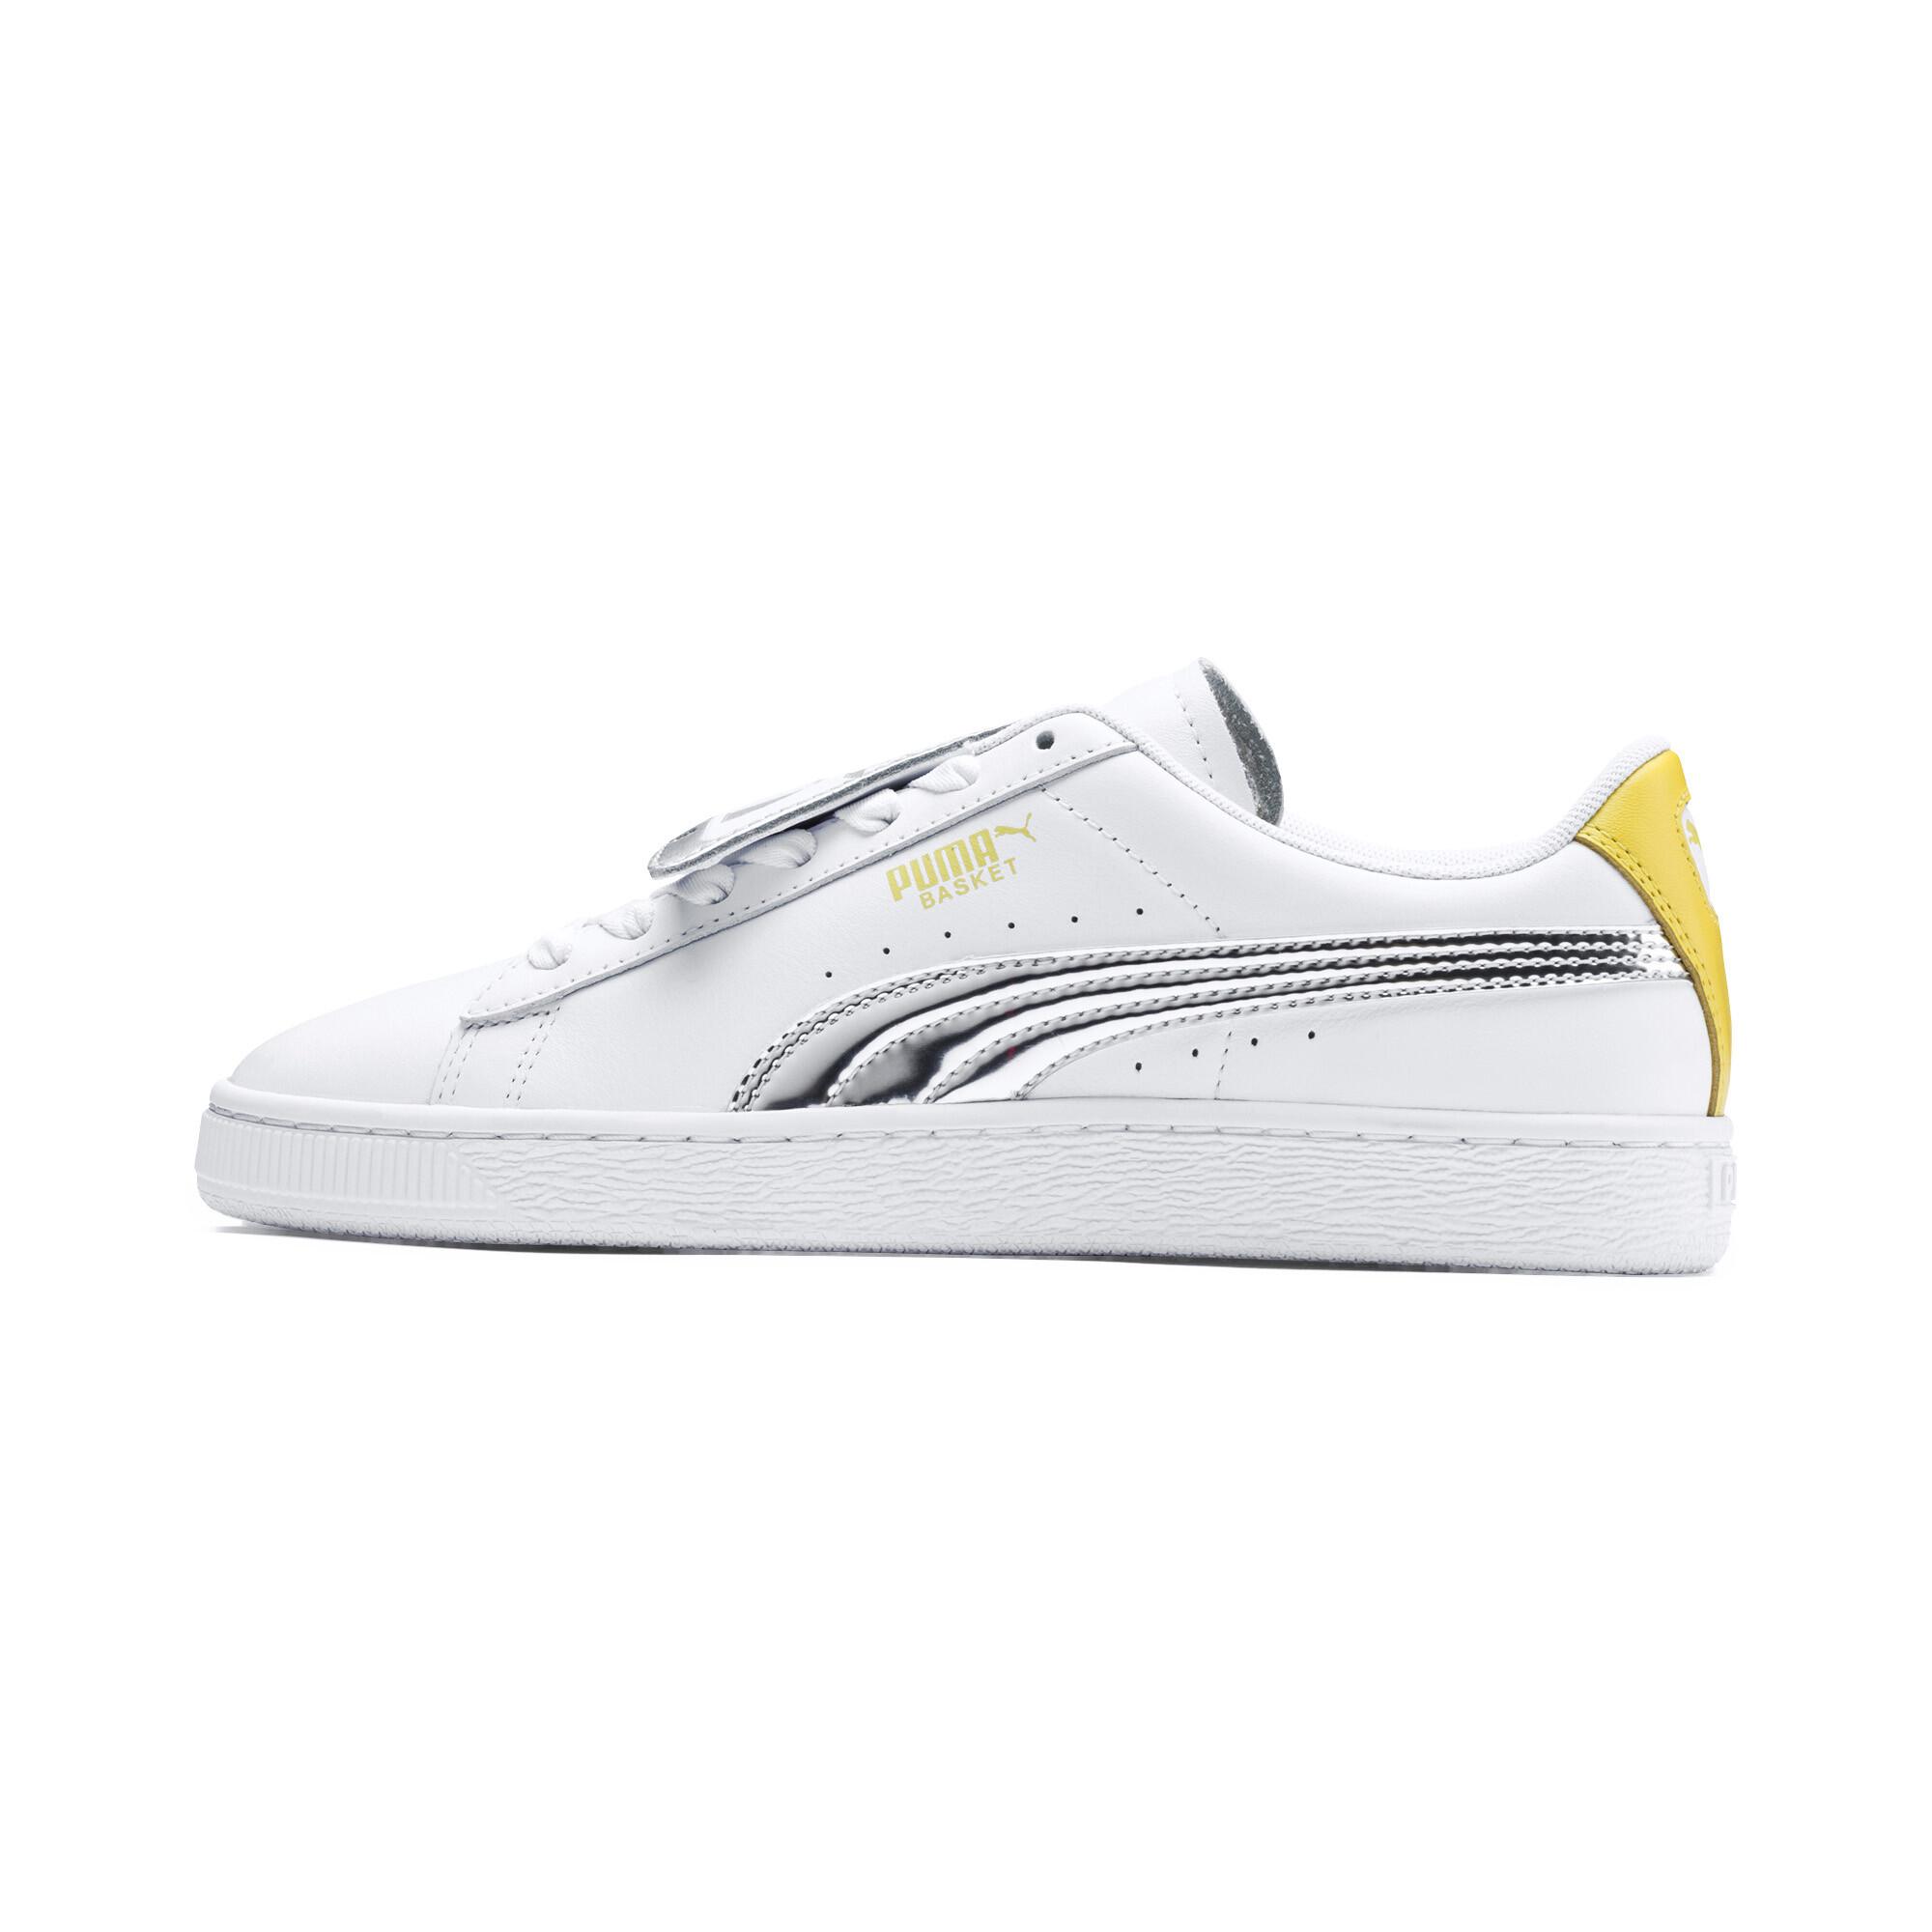 df5aea336d5 Распродажа спортивной одежды PUMA - скидки и акции на кроссовки в дисконте  интернет-магазине